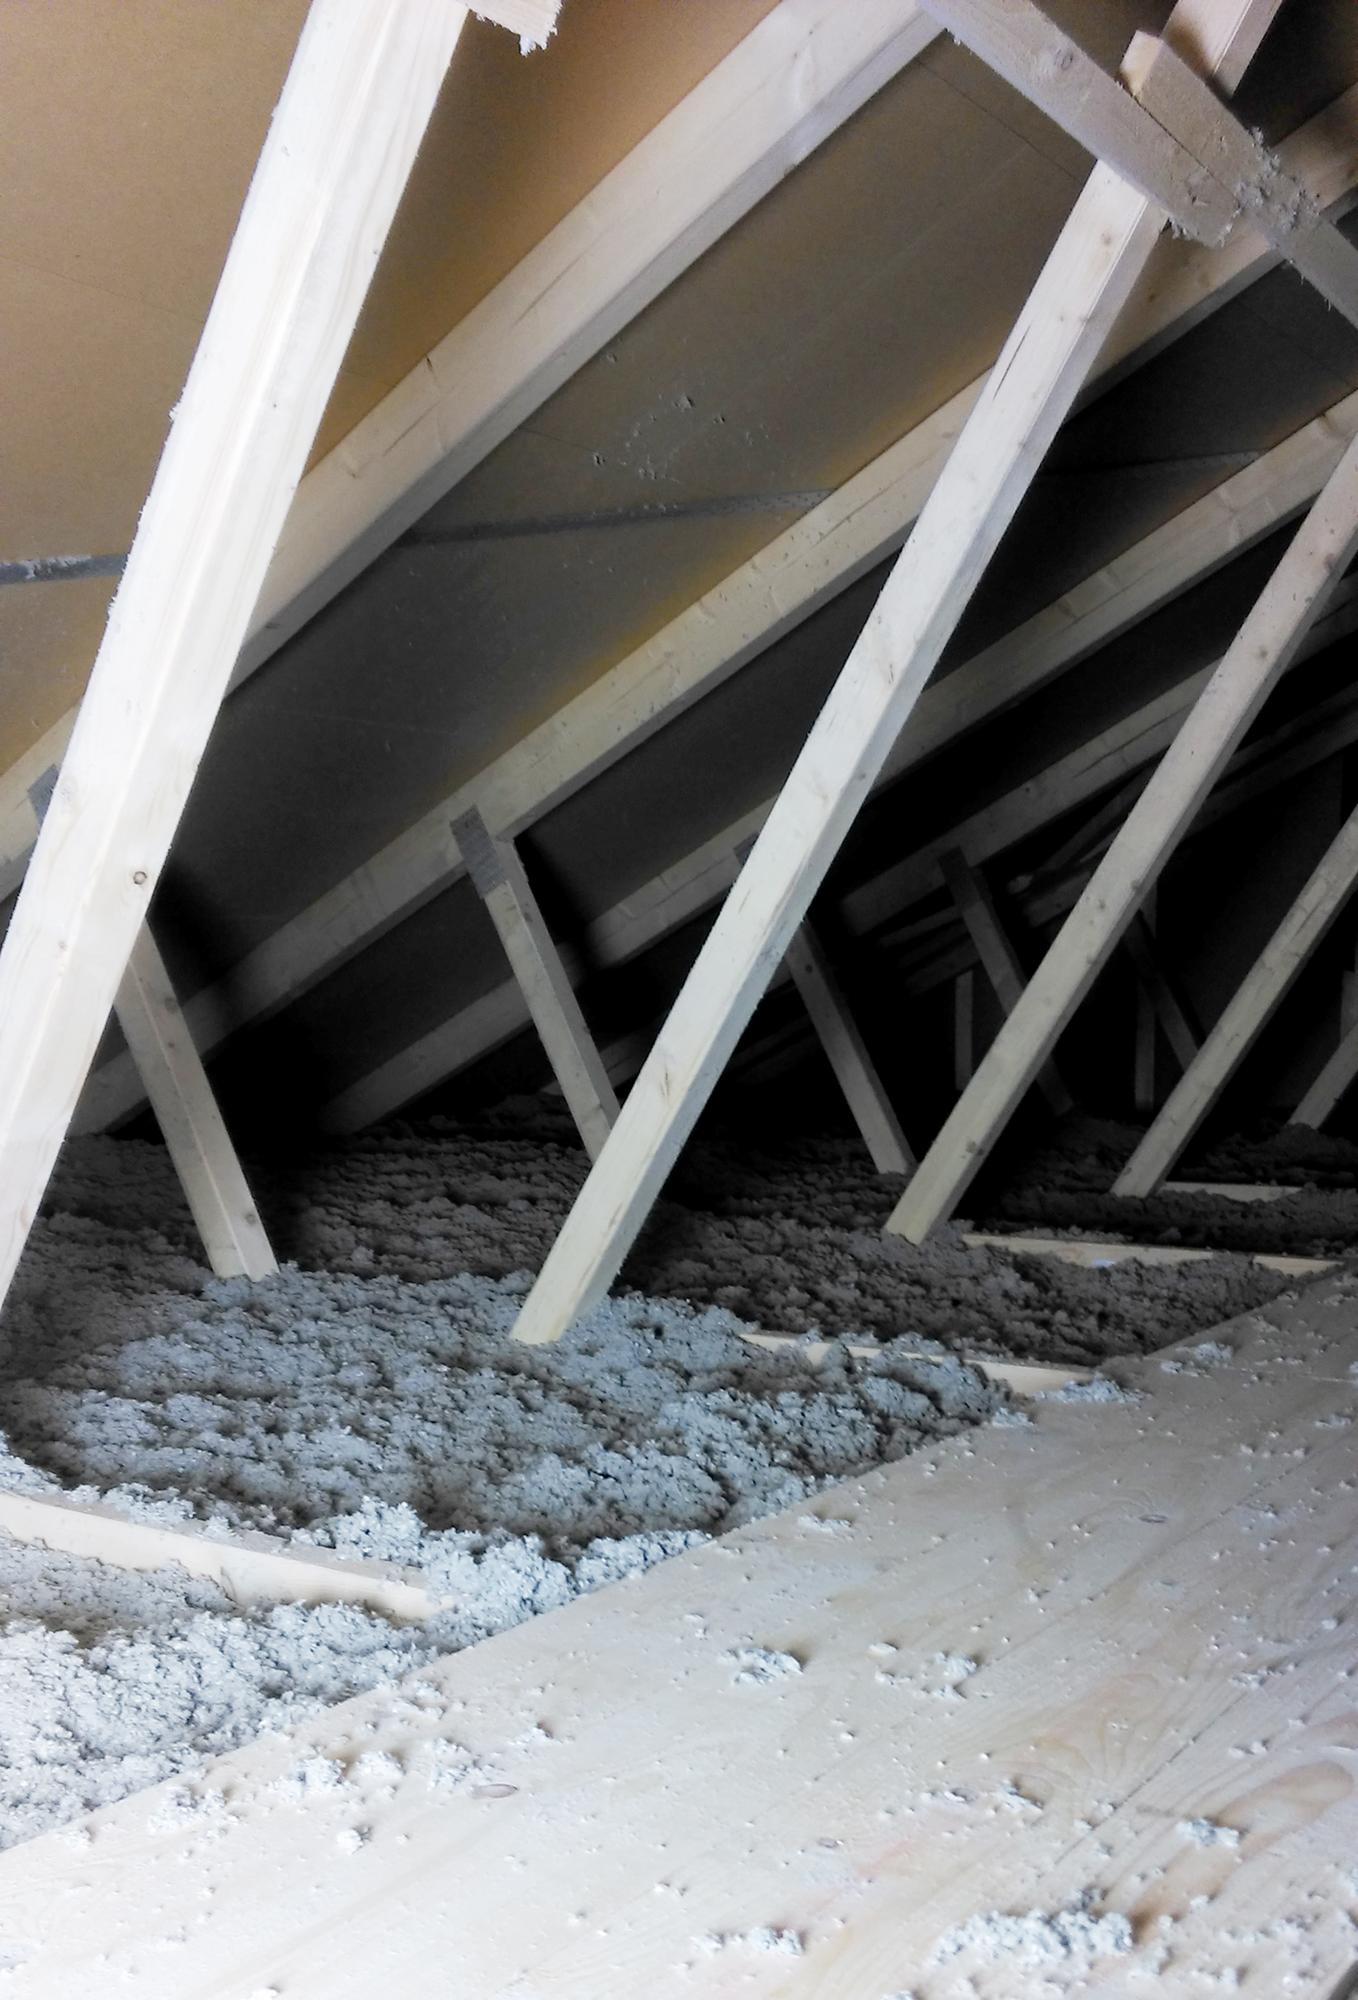 Gebäudedämmung mit Einblasdämmung im Dachstuhl